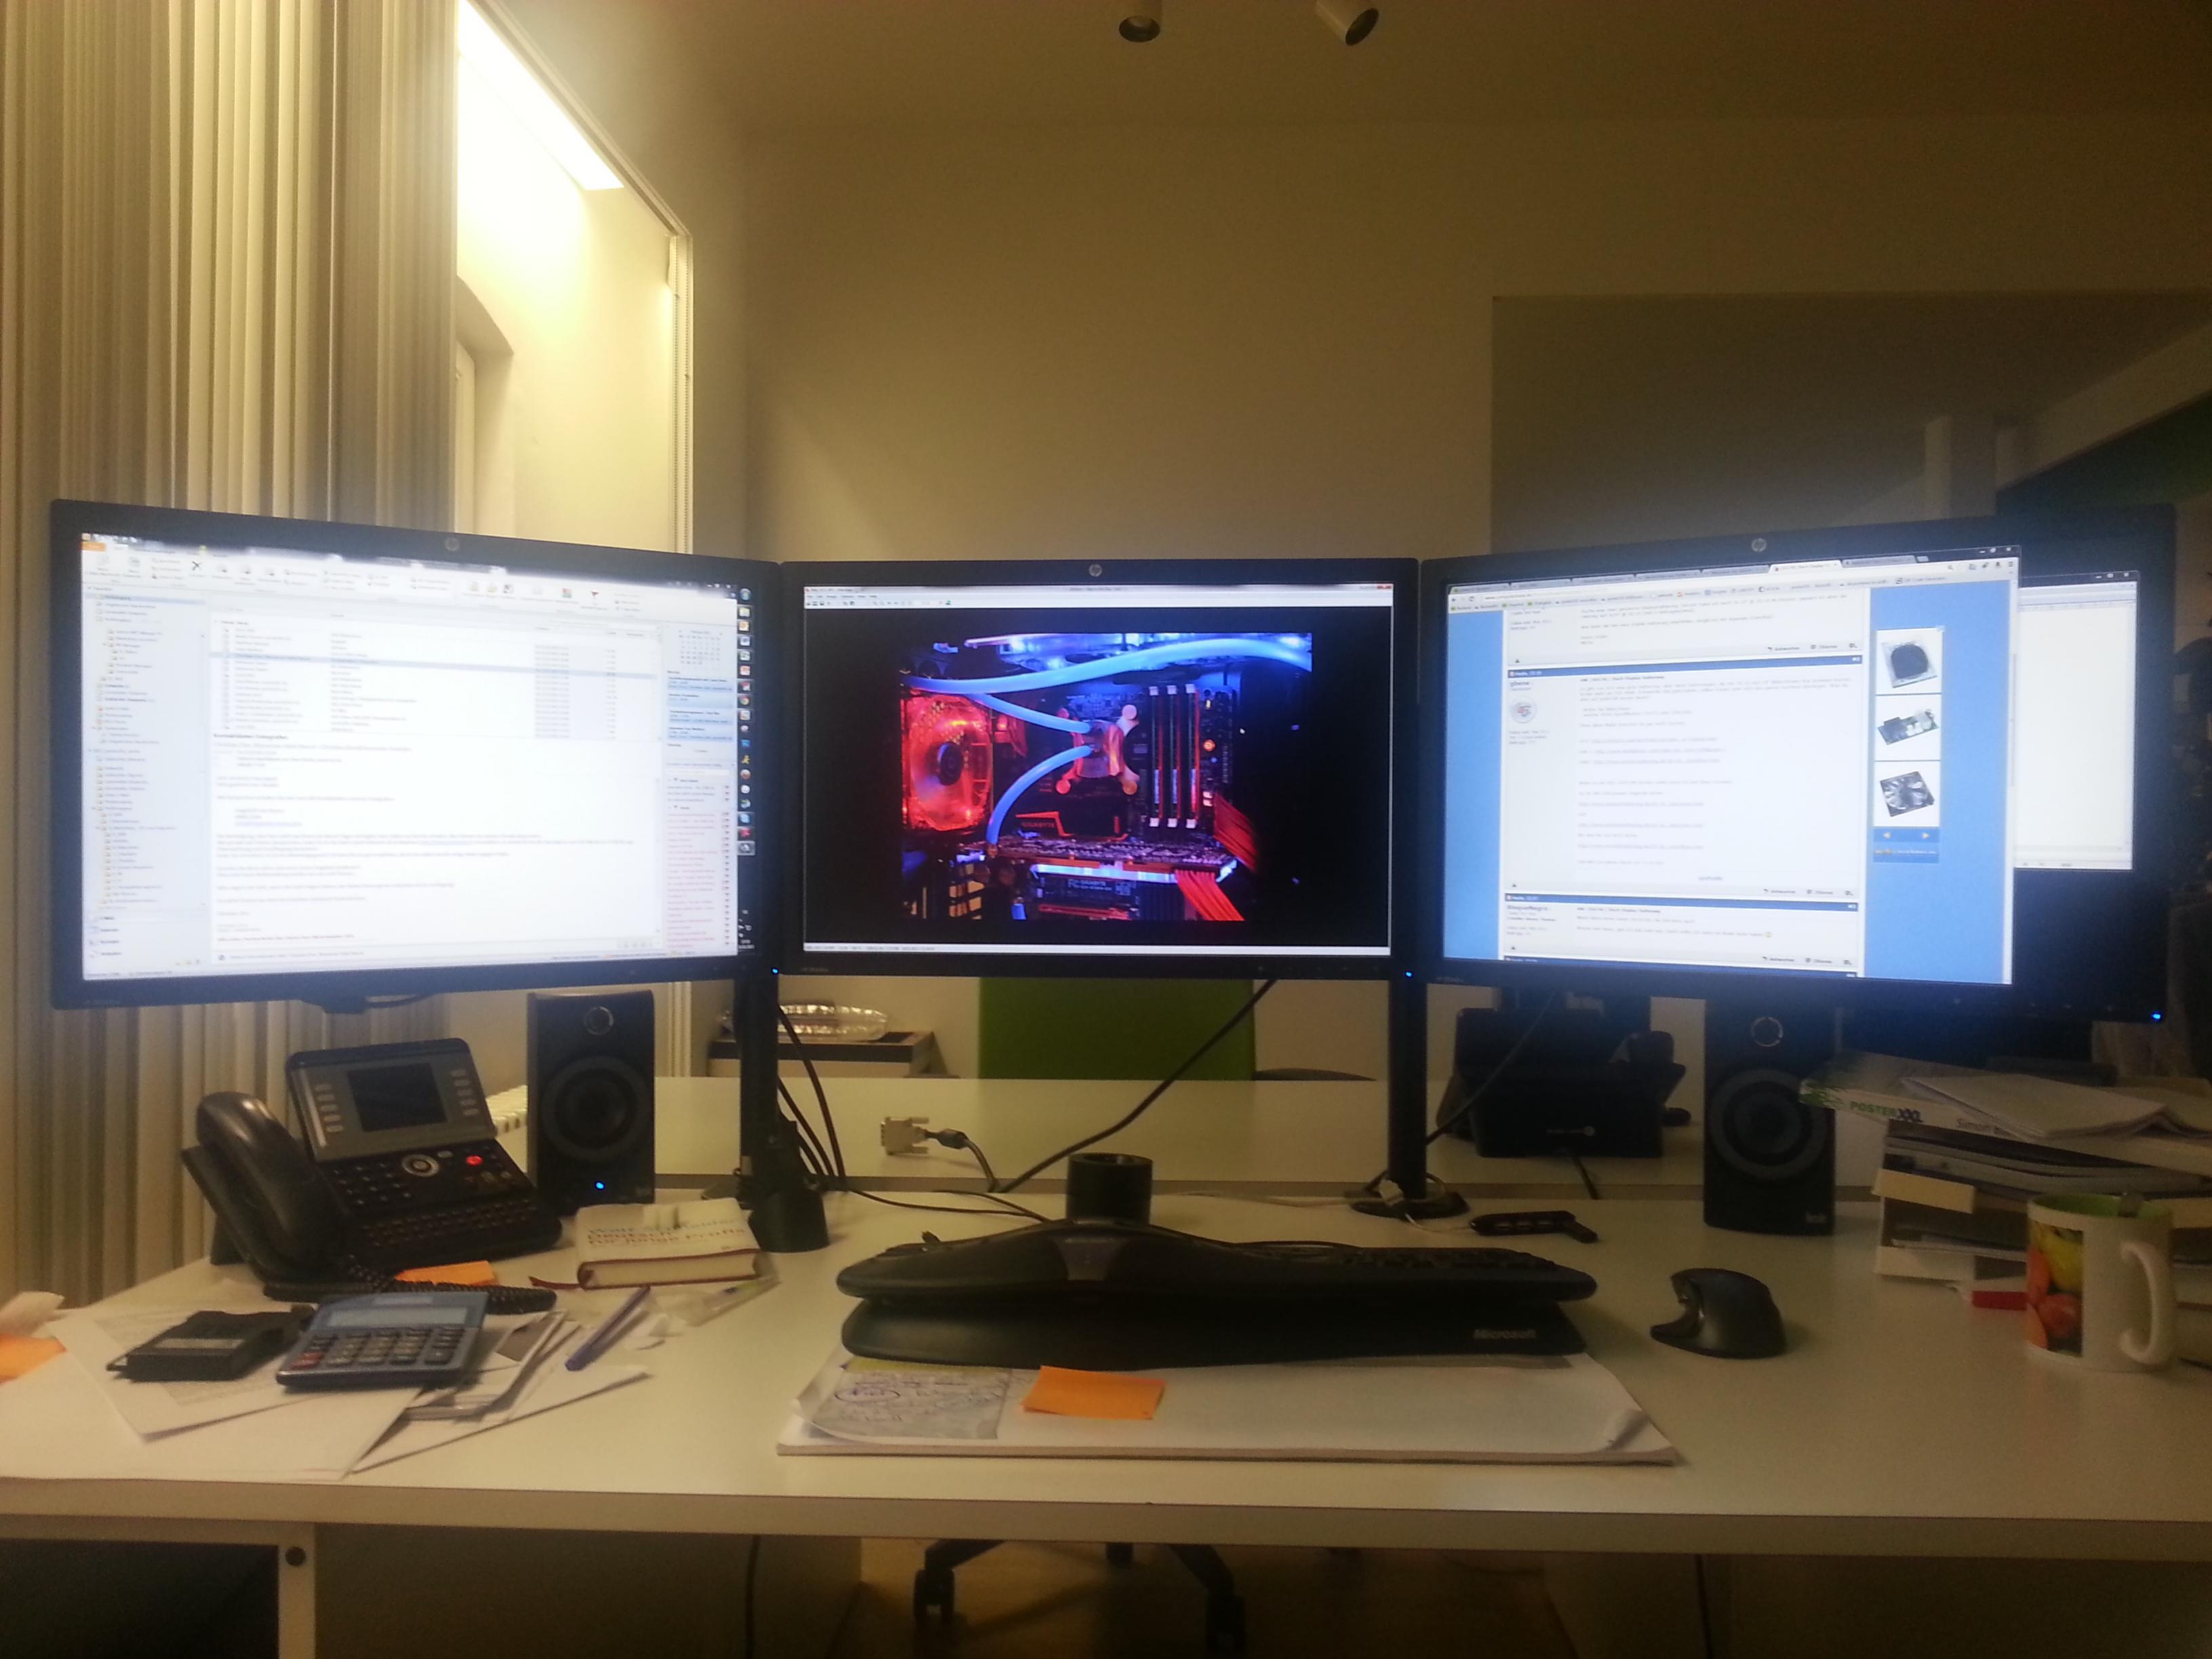 Suche 3fach Display Halterung Computerbase Forum